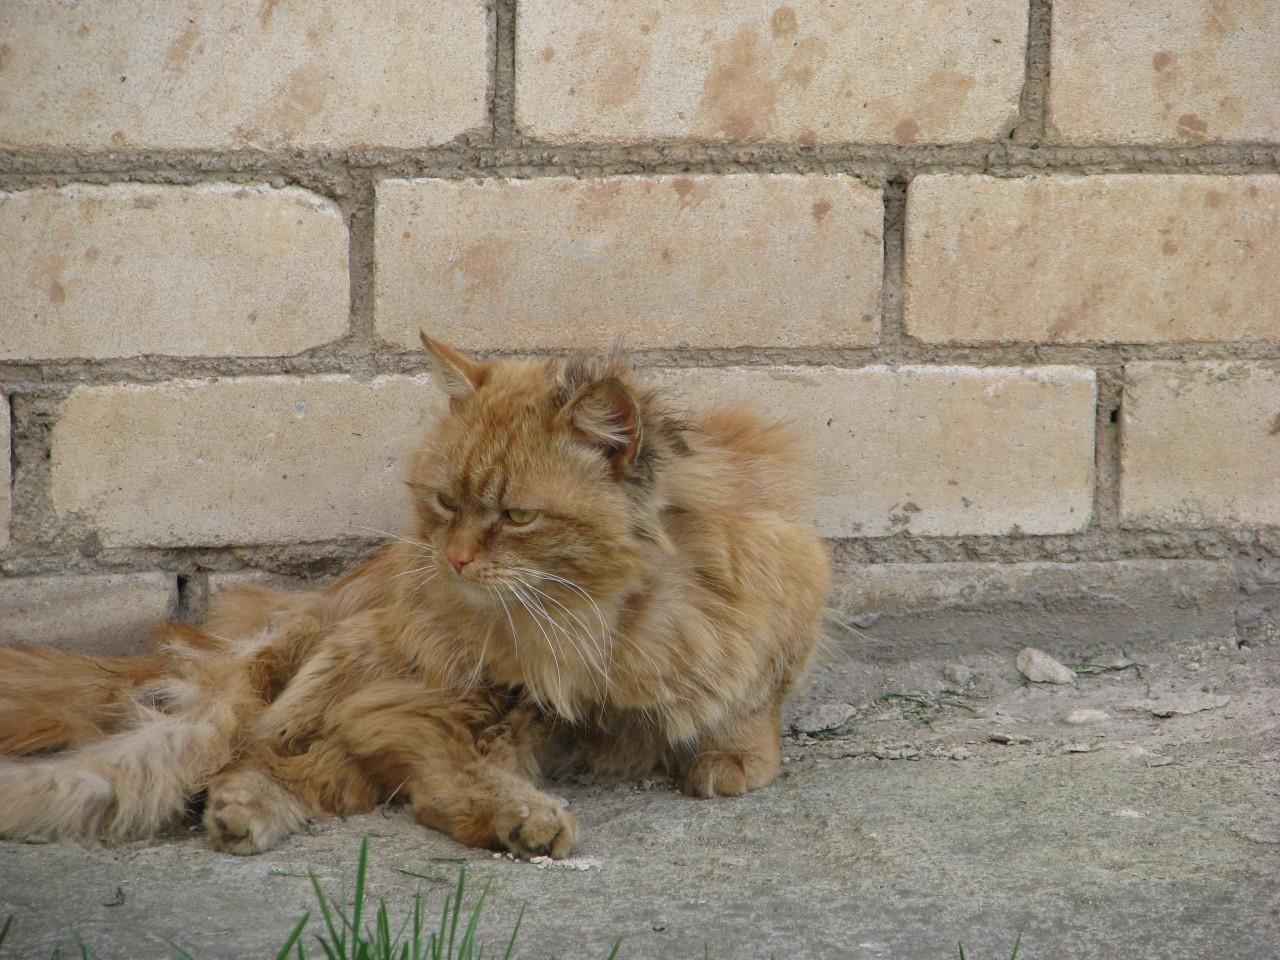 Братья наши меньшие: кто кому нужен: так кошка человеку или человек кошке?